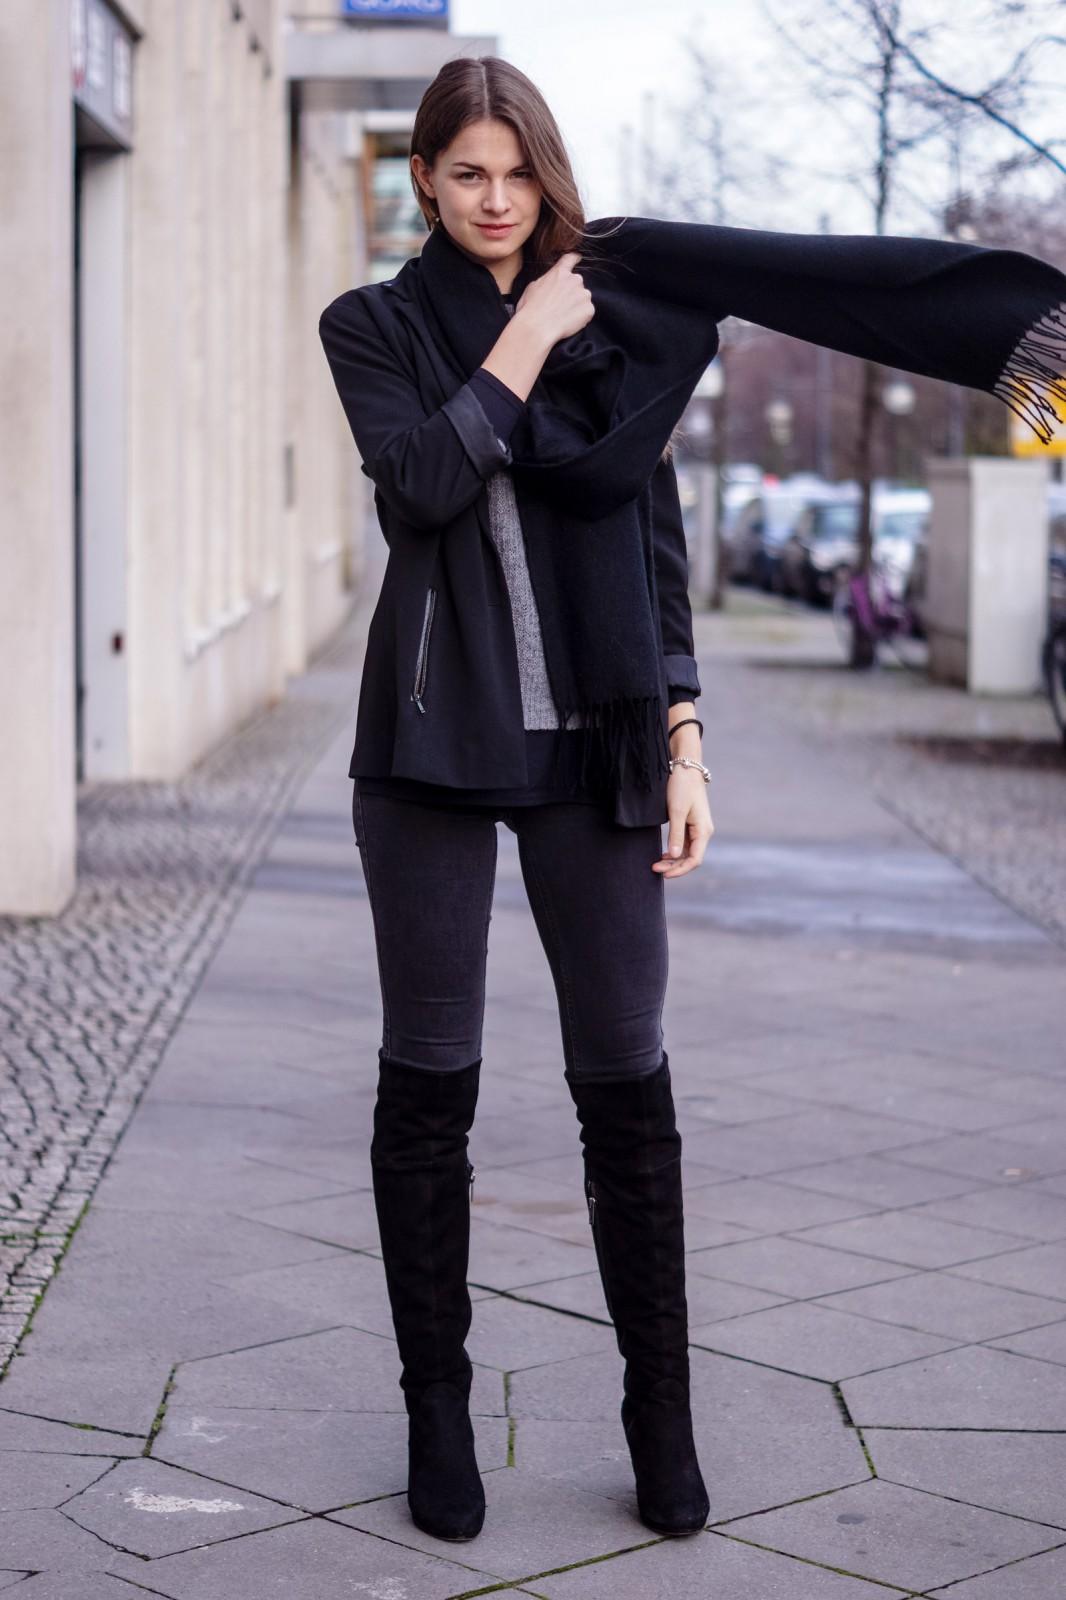 Schwarzer Topshop Schal